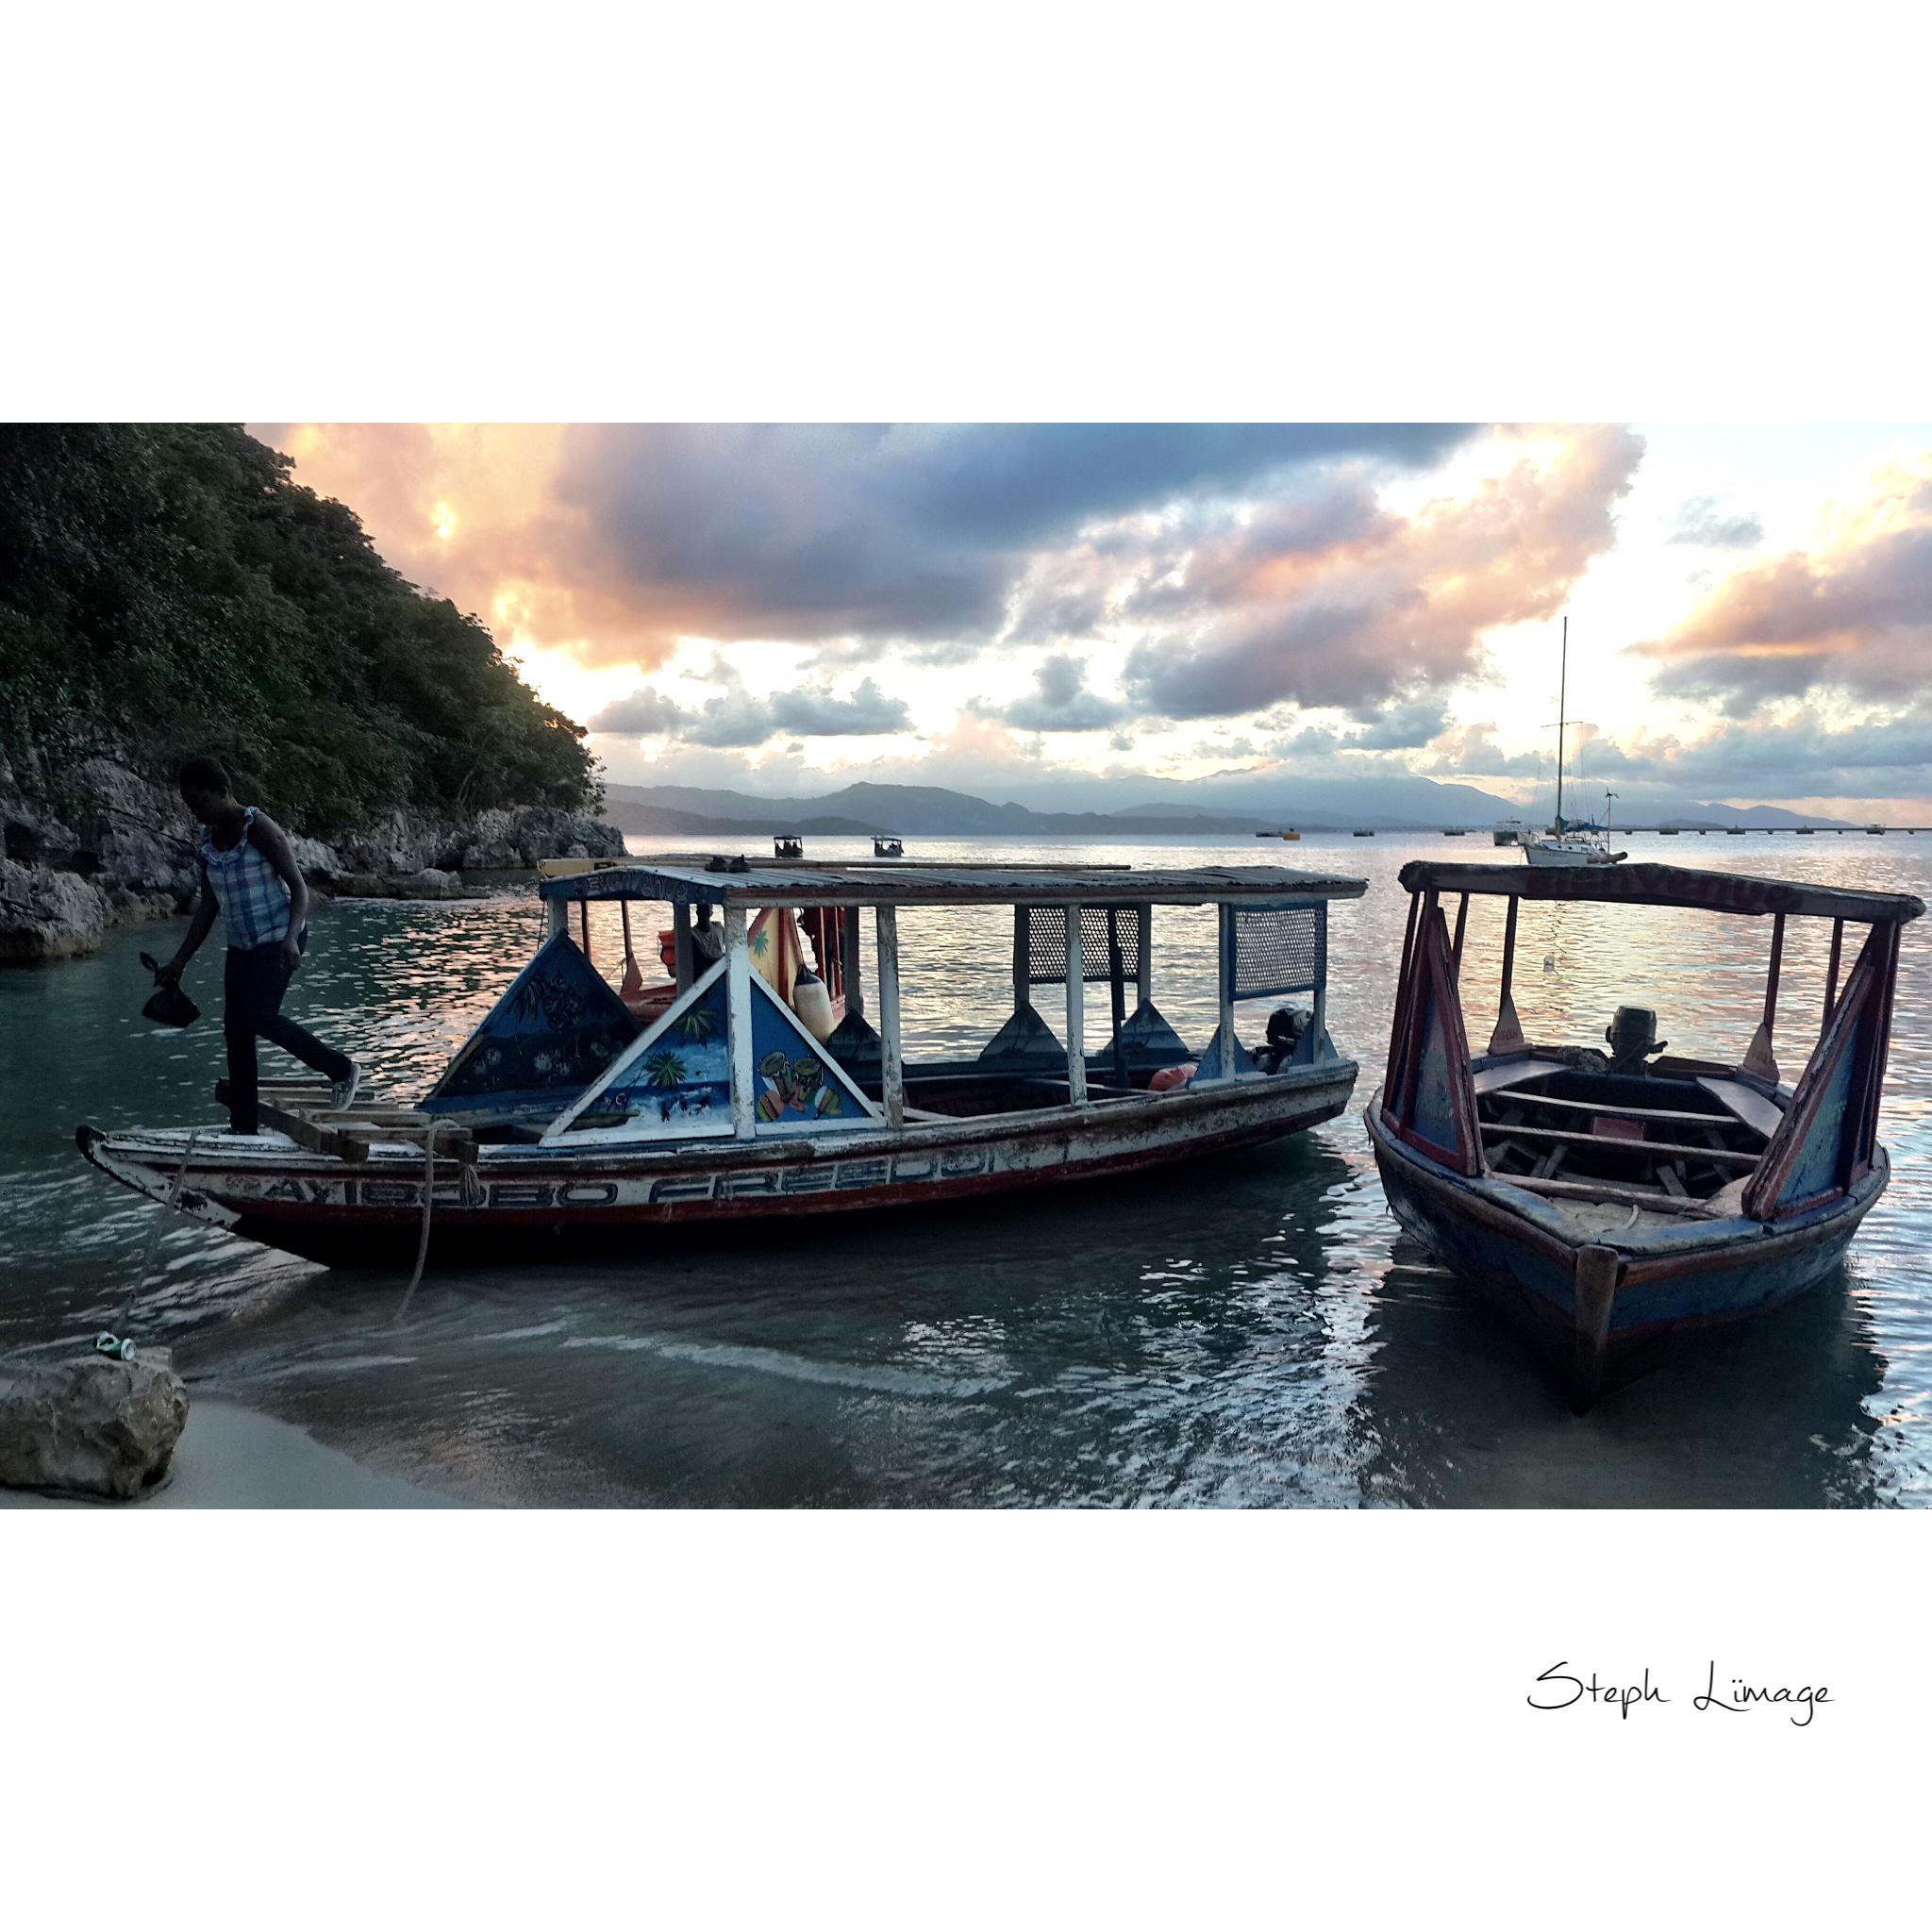 Steph Limage - Haiti